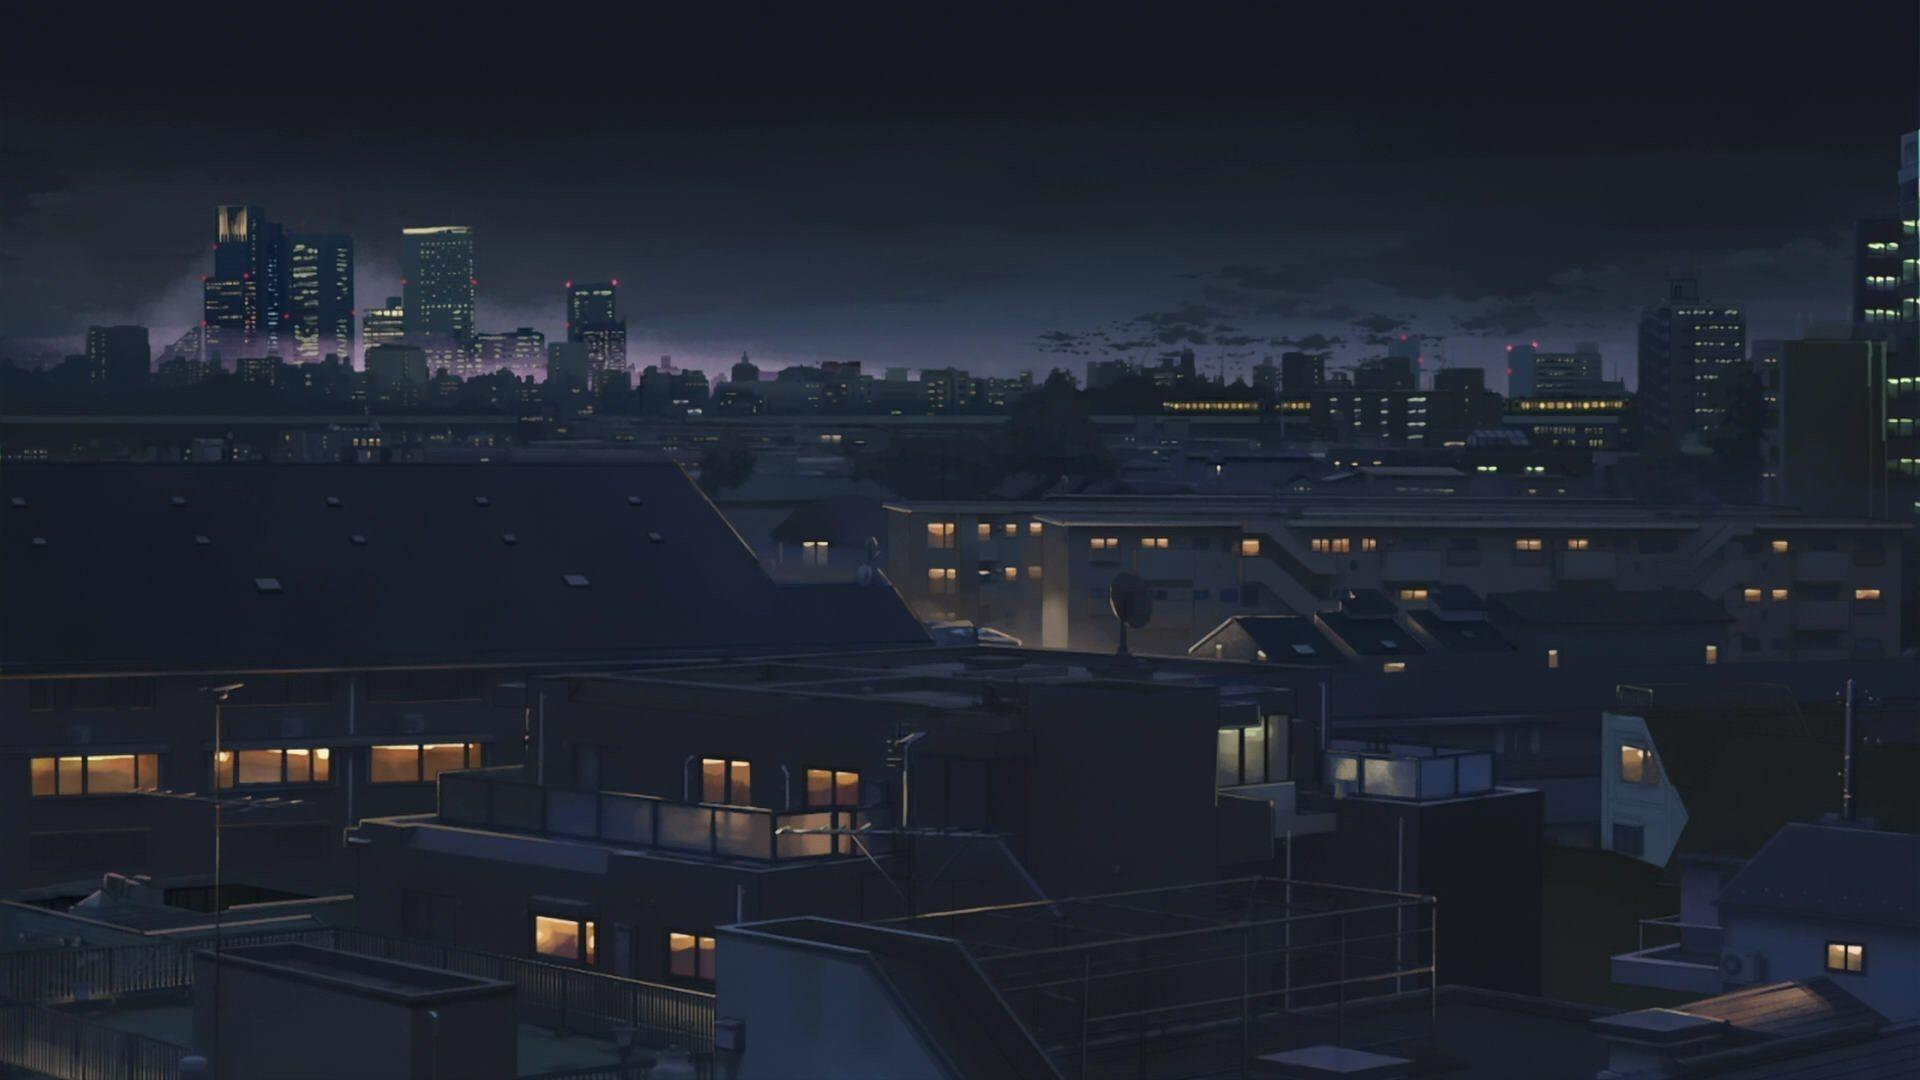 1920x1080 Elegant Aesthetic Anime Wallpaper For Pc Anime Wp Aesthetic Desktop Wallpaper Anime City Desktop Wallpaper Art